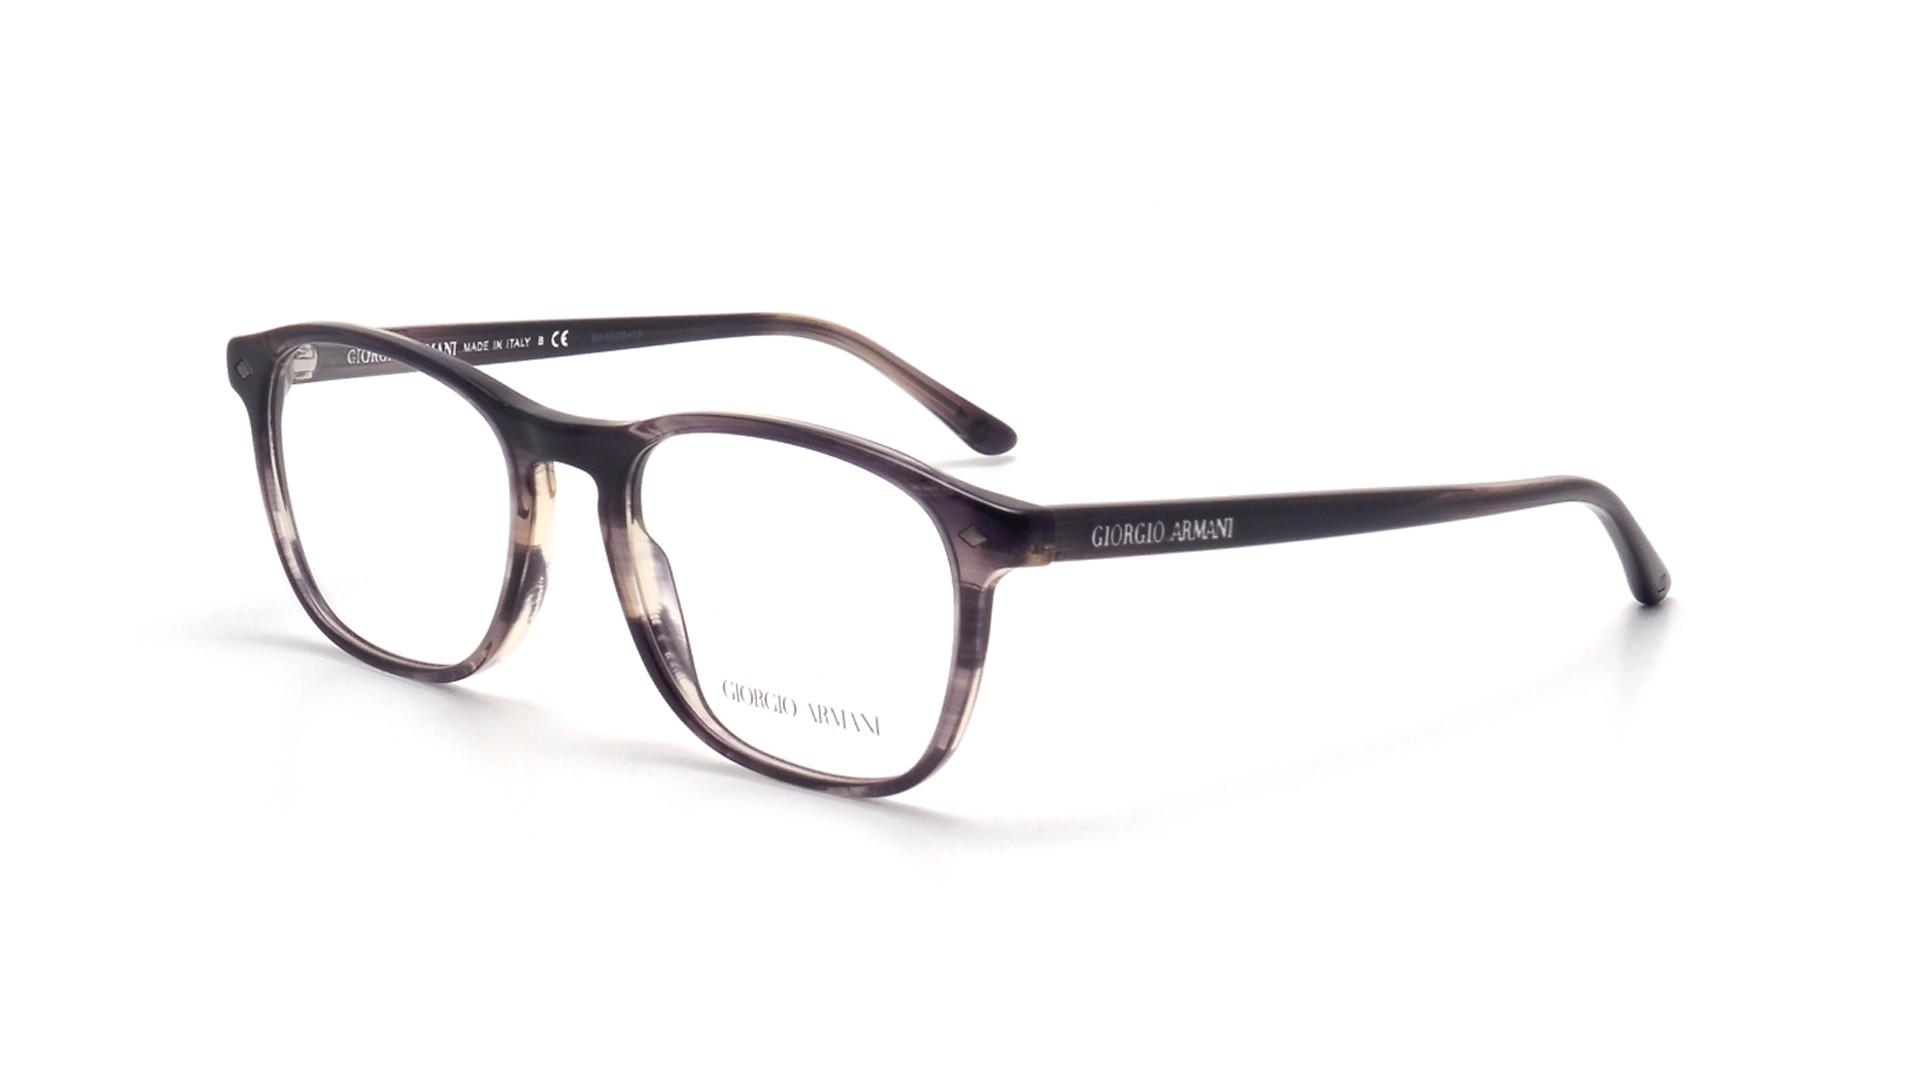 Giorgio Armani Glasses Frames Of Life : Giorgio Armani Frames of Life Grey AR7003 5442 50-18 ...